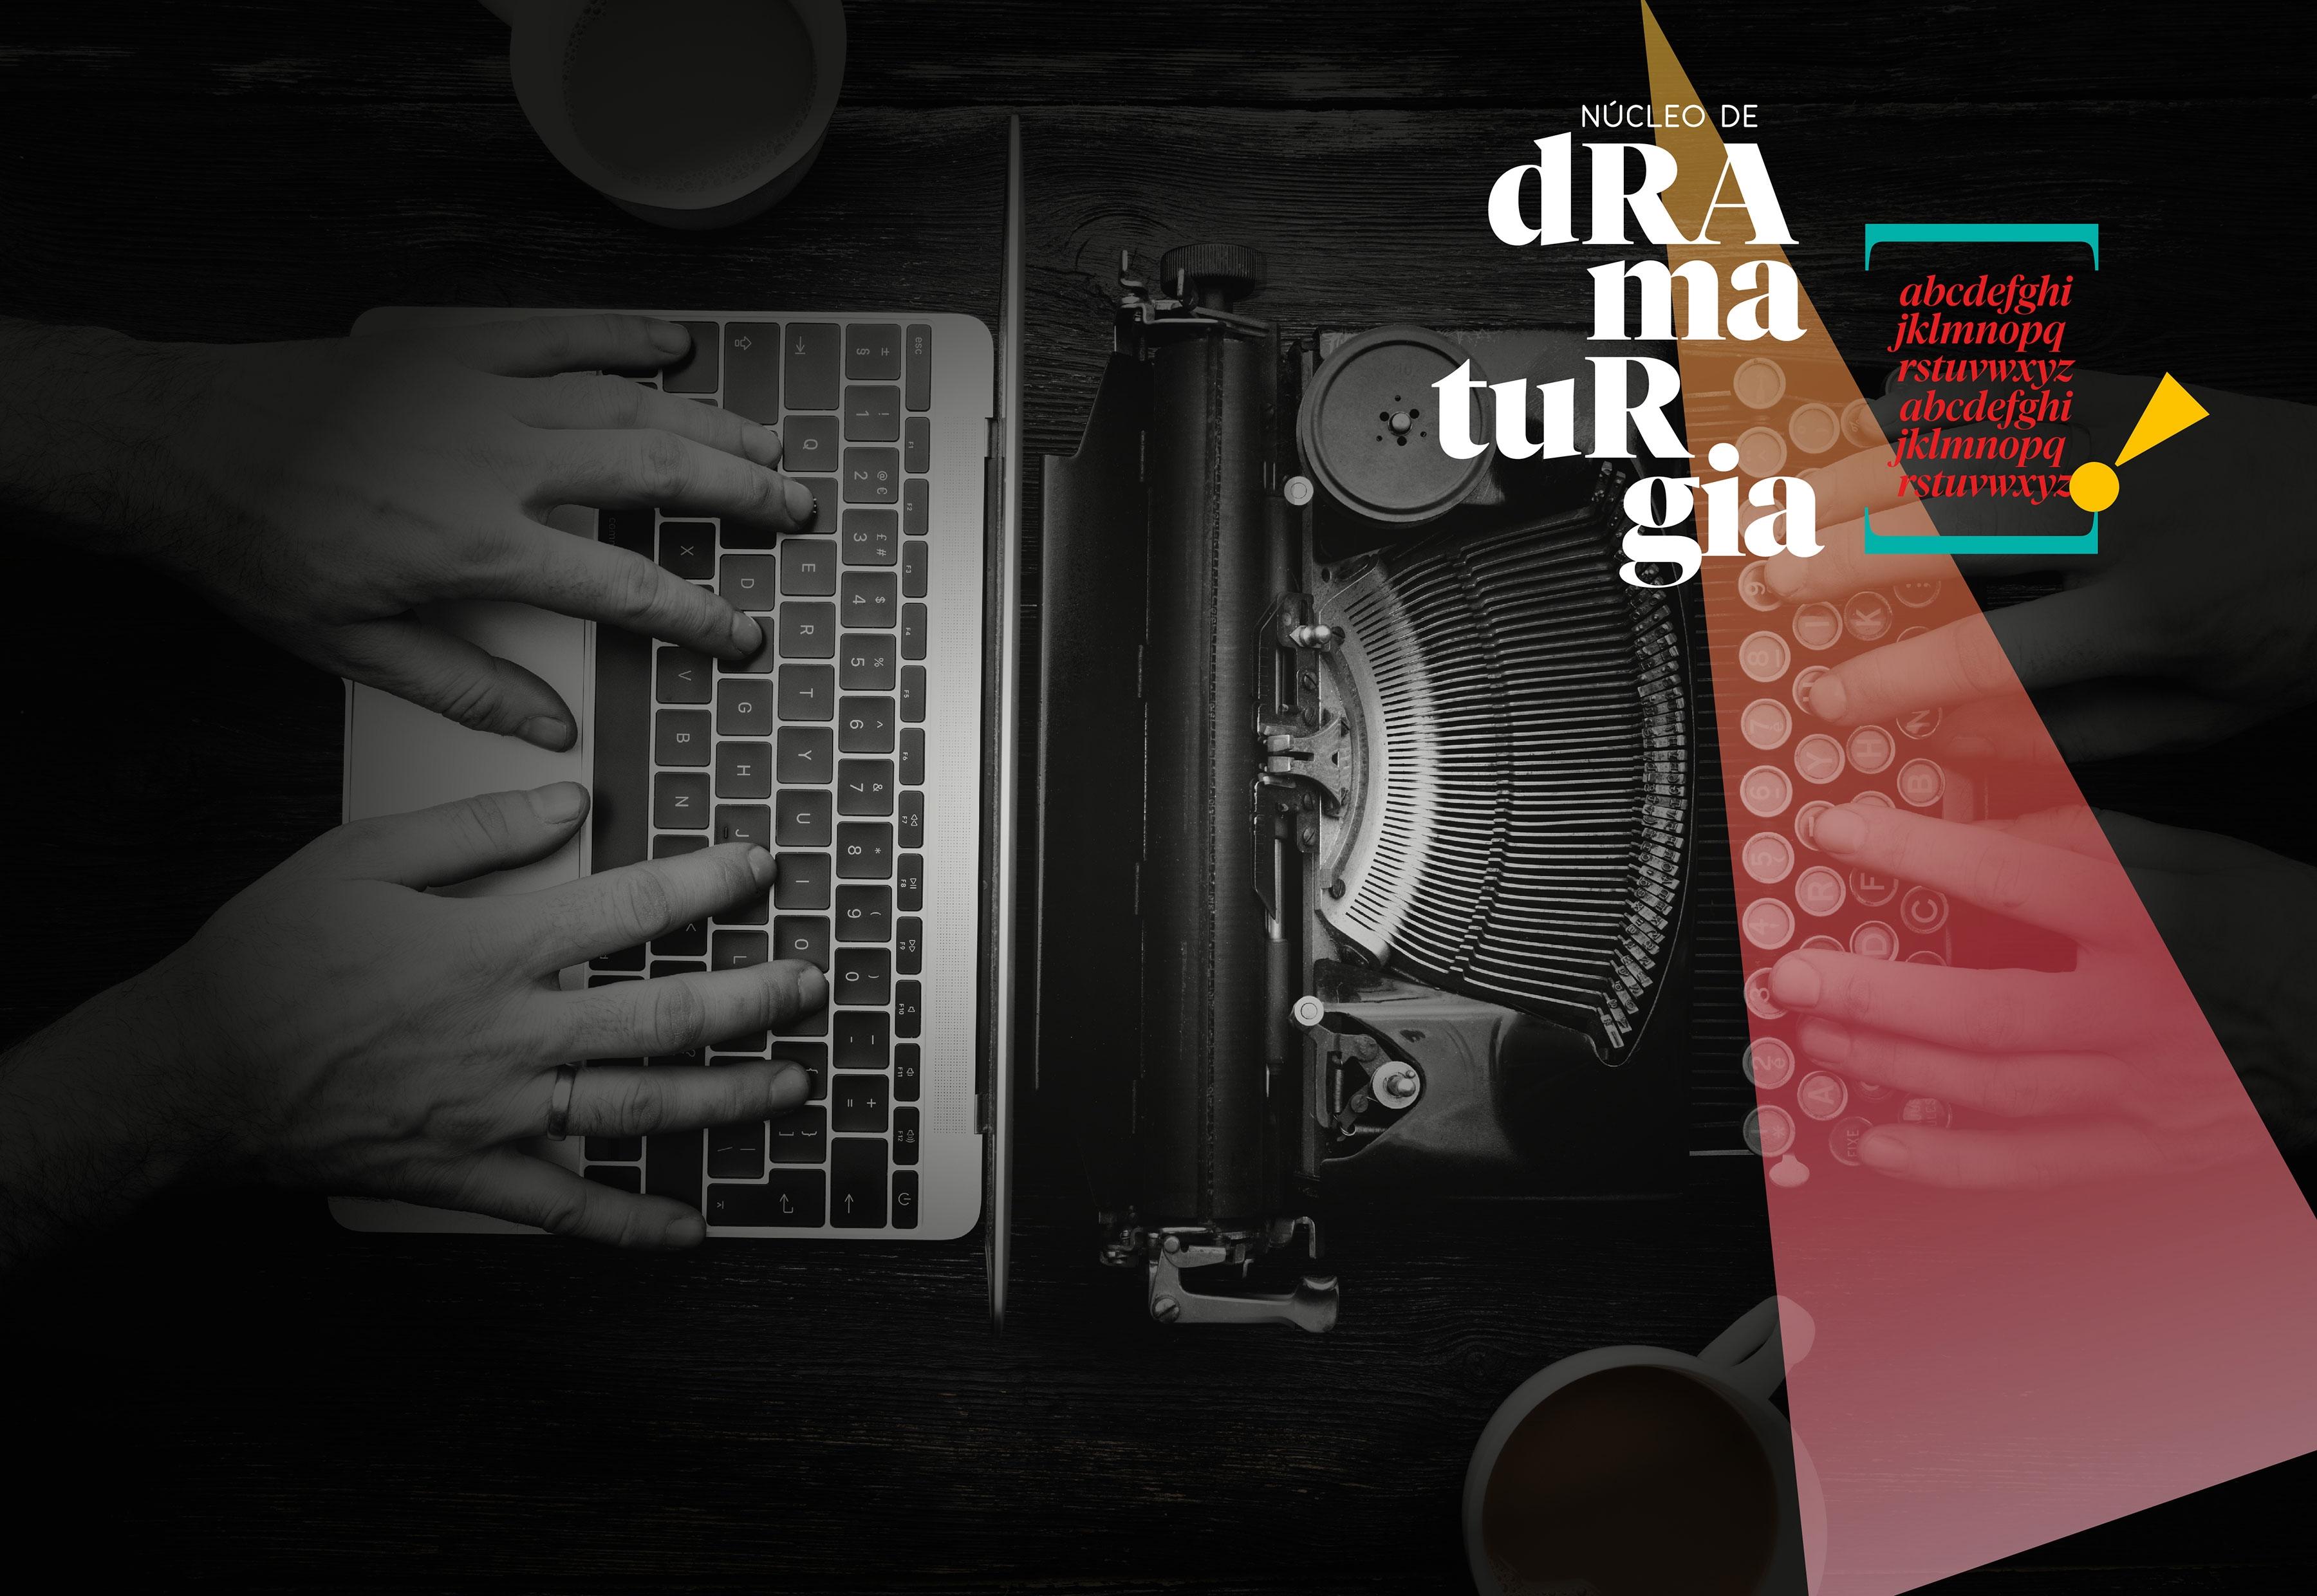 Curso - Núcleo de Dramaturgia do Sesi-SP